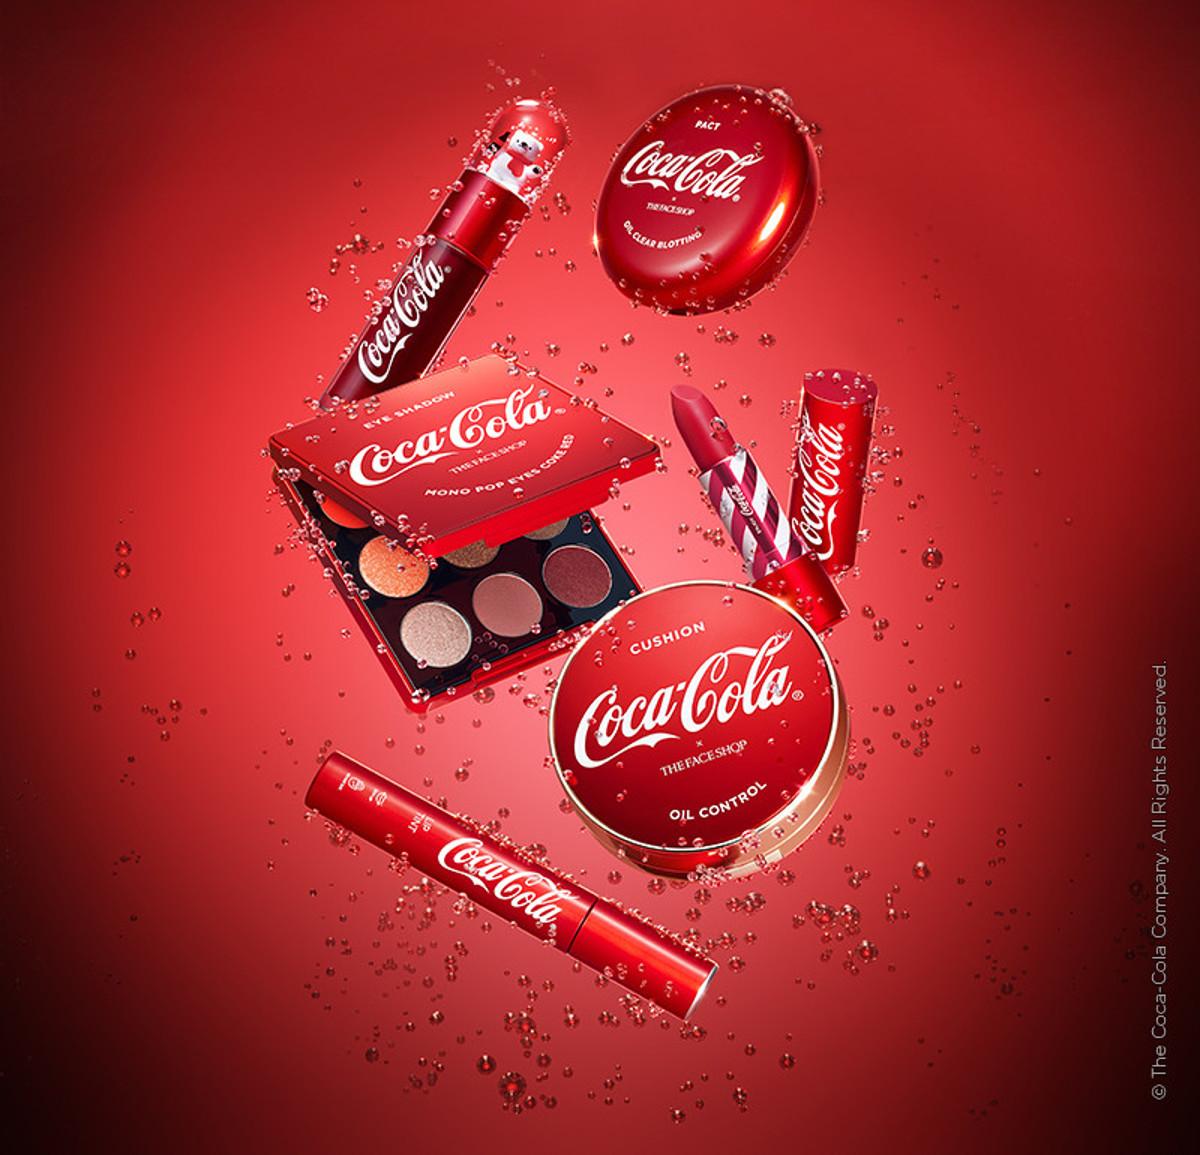 The Face Shop x Cola Cola Coca Cola Edition